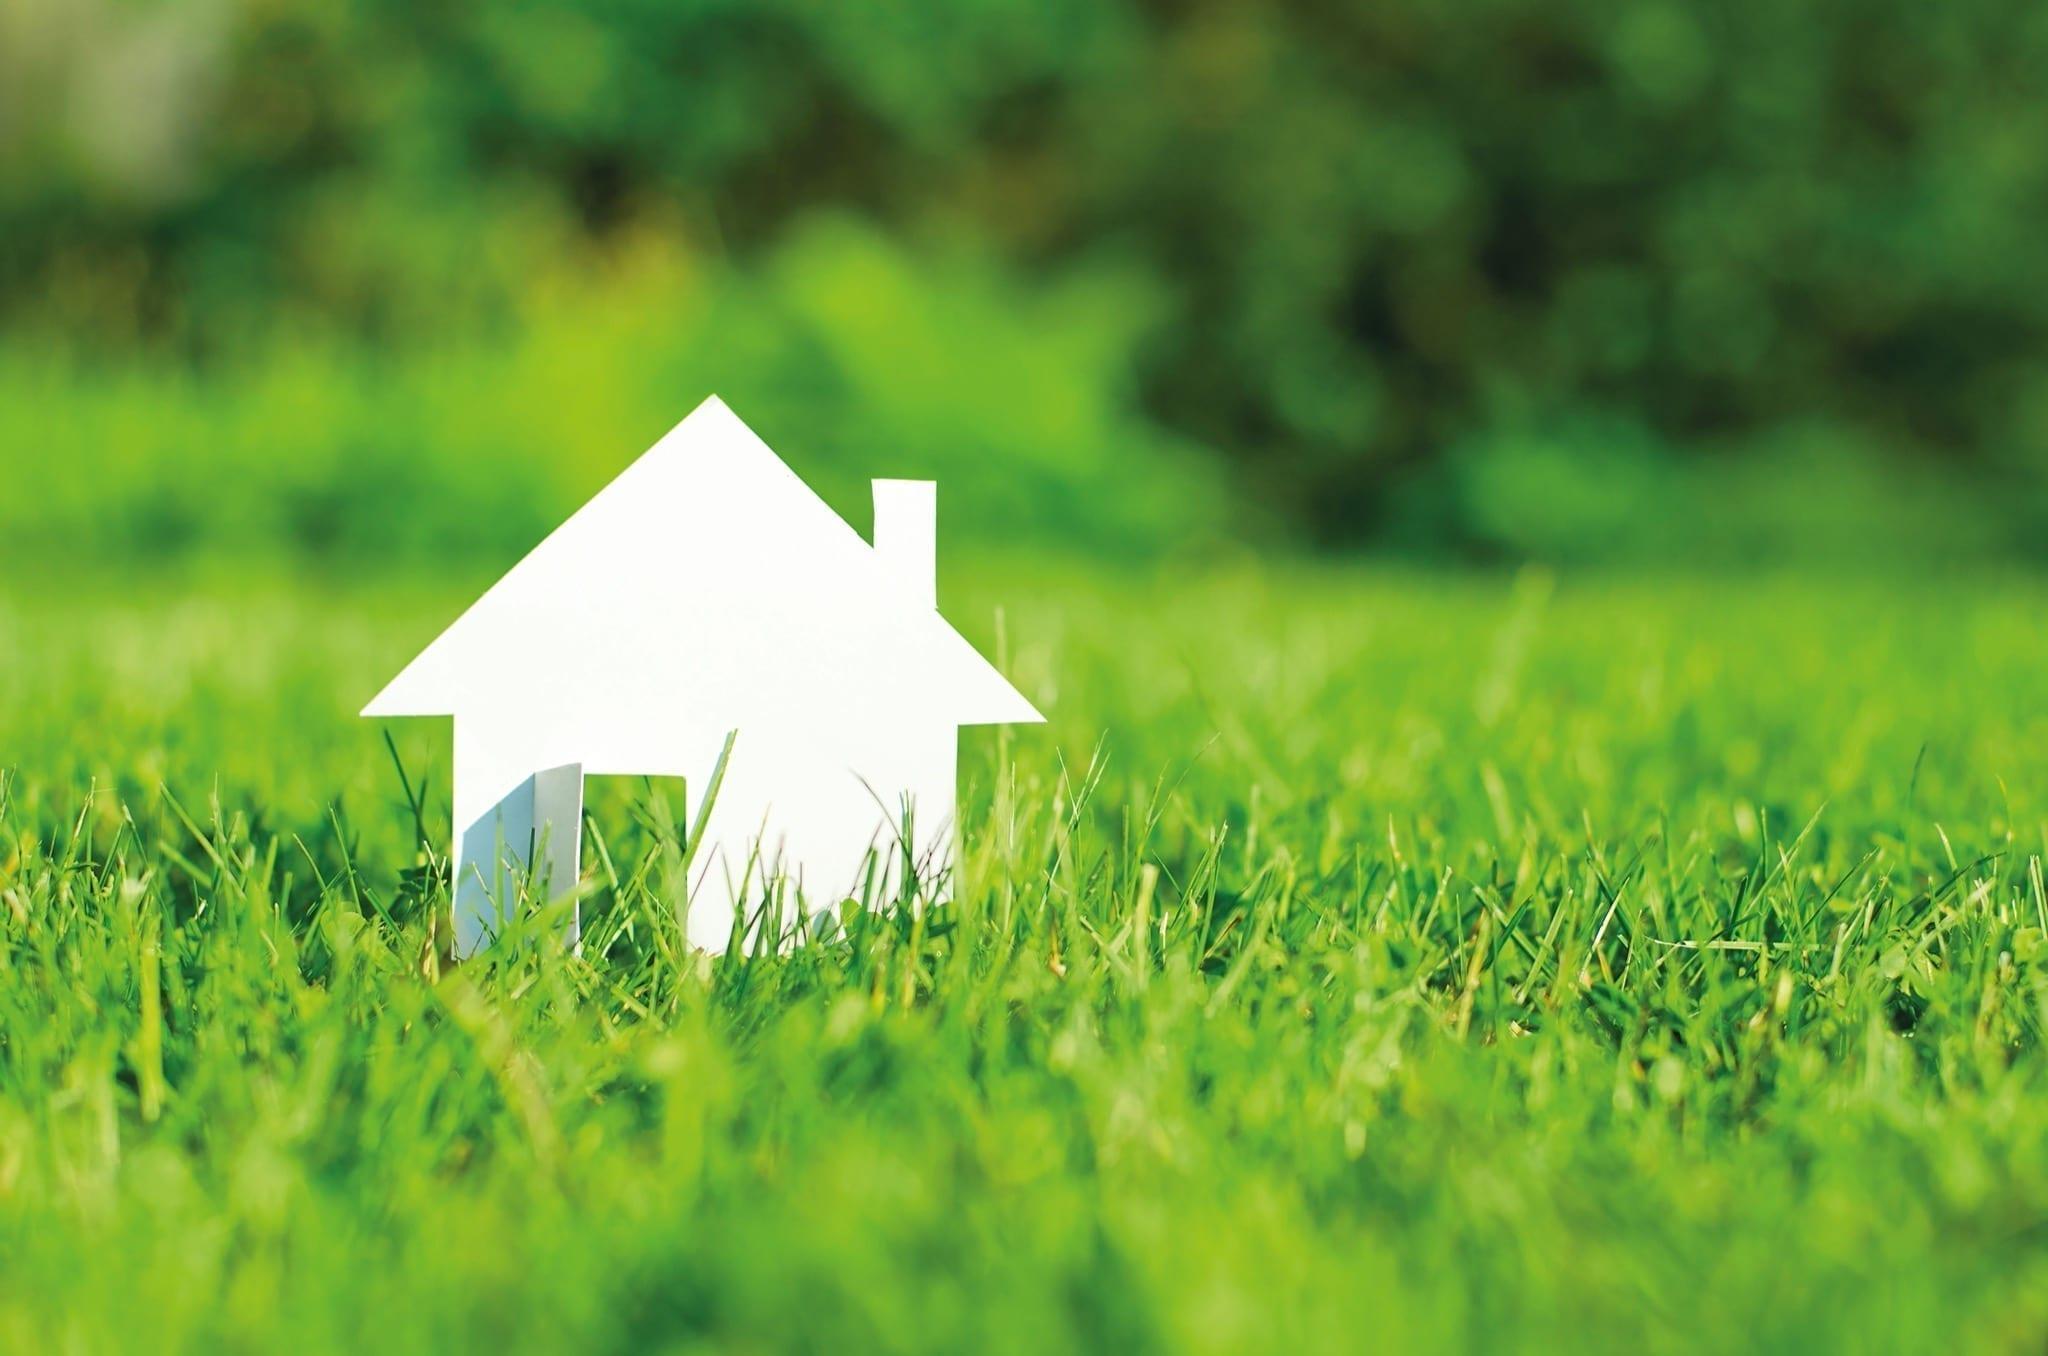 terenuri - Tranzacțiile de terenuri continuă cu viteze diferite spre 100 de milioane de euro în 2020